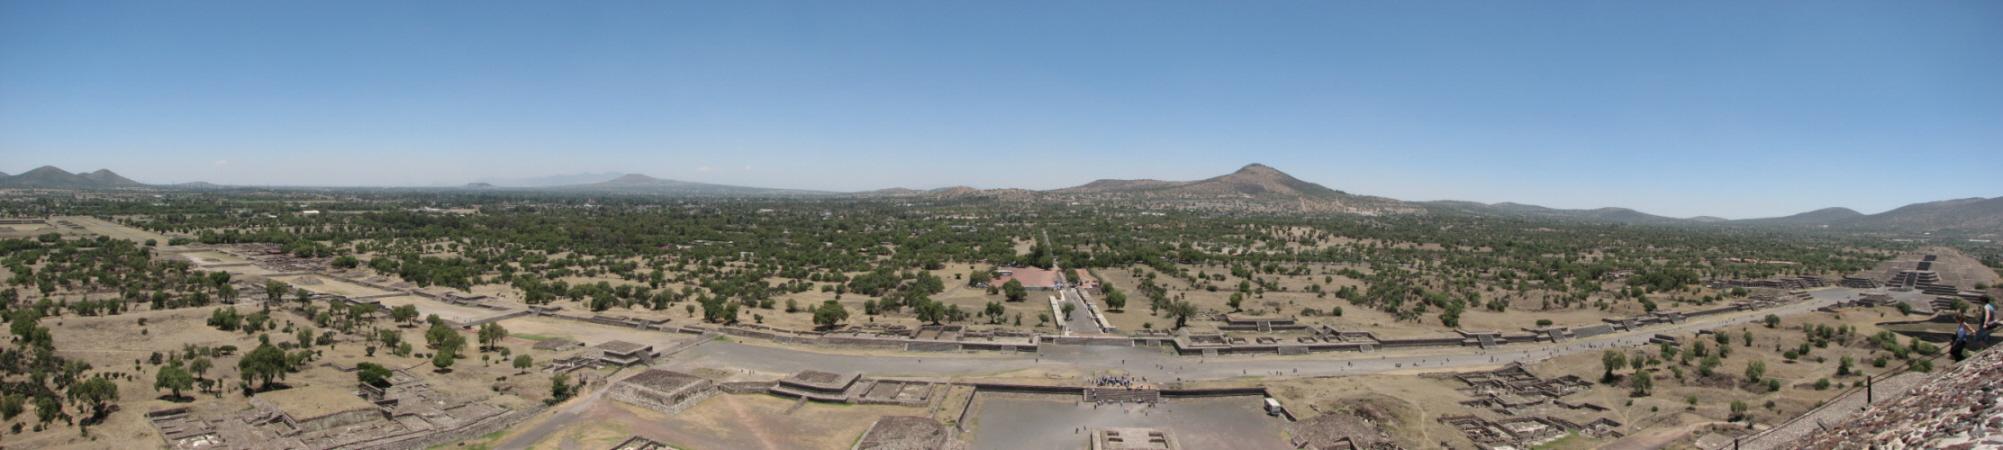 Teotihuacán - Die Straße der Toten - reloaded